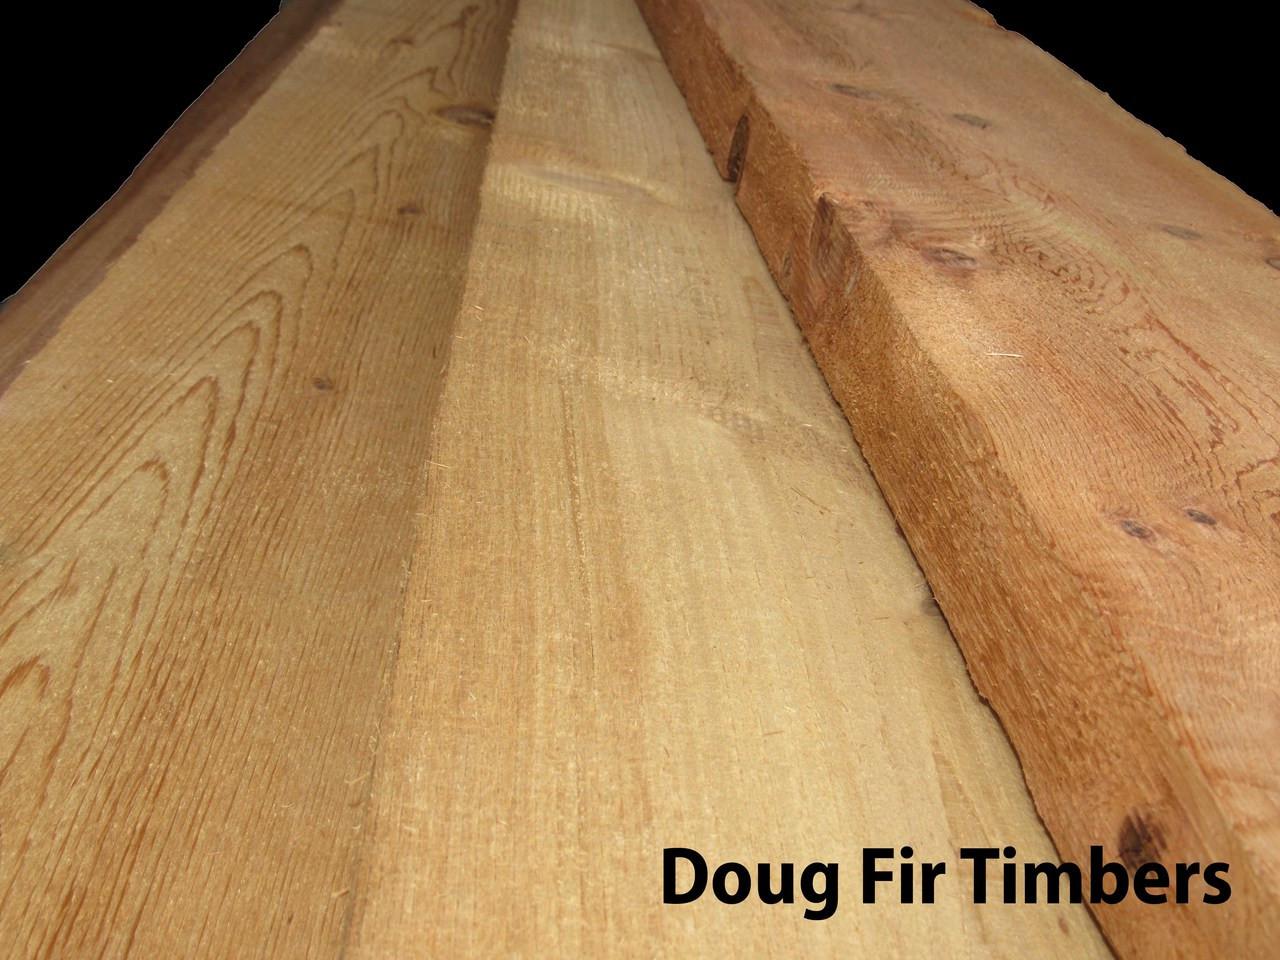 Doug Fir Timbers / Mantels, S4S, 4